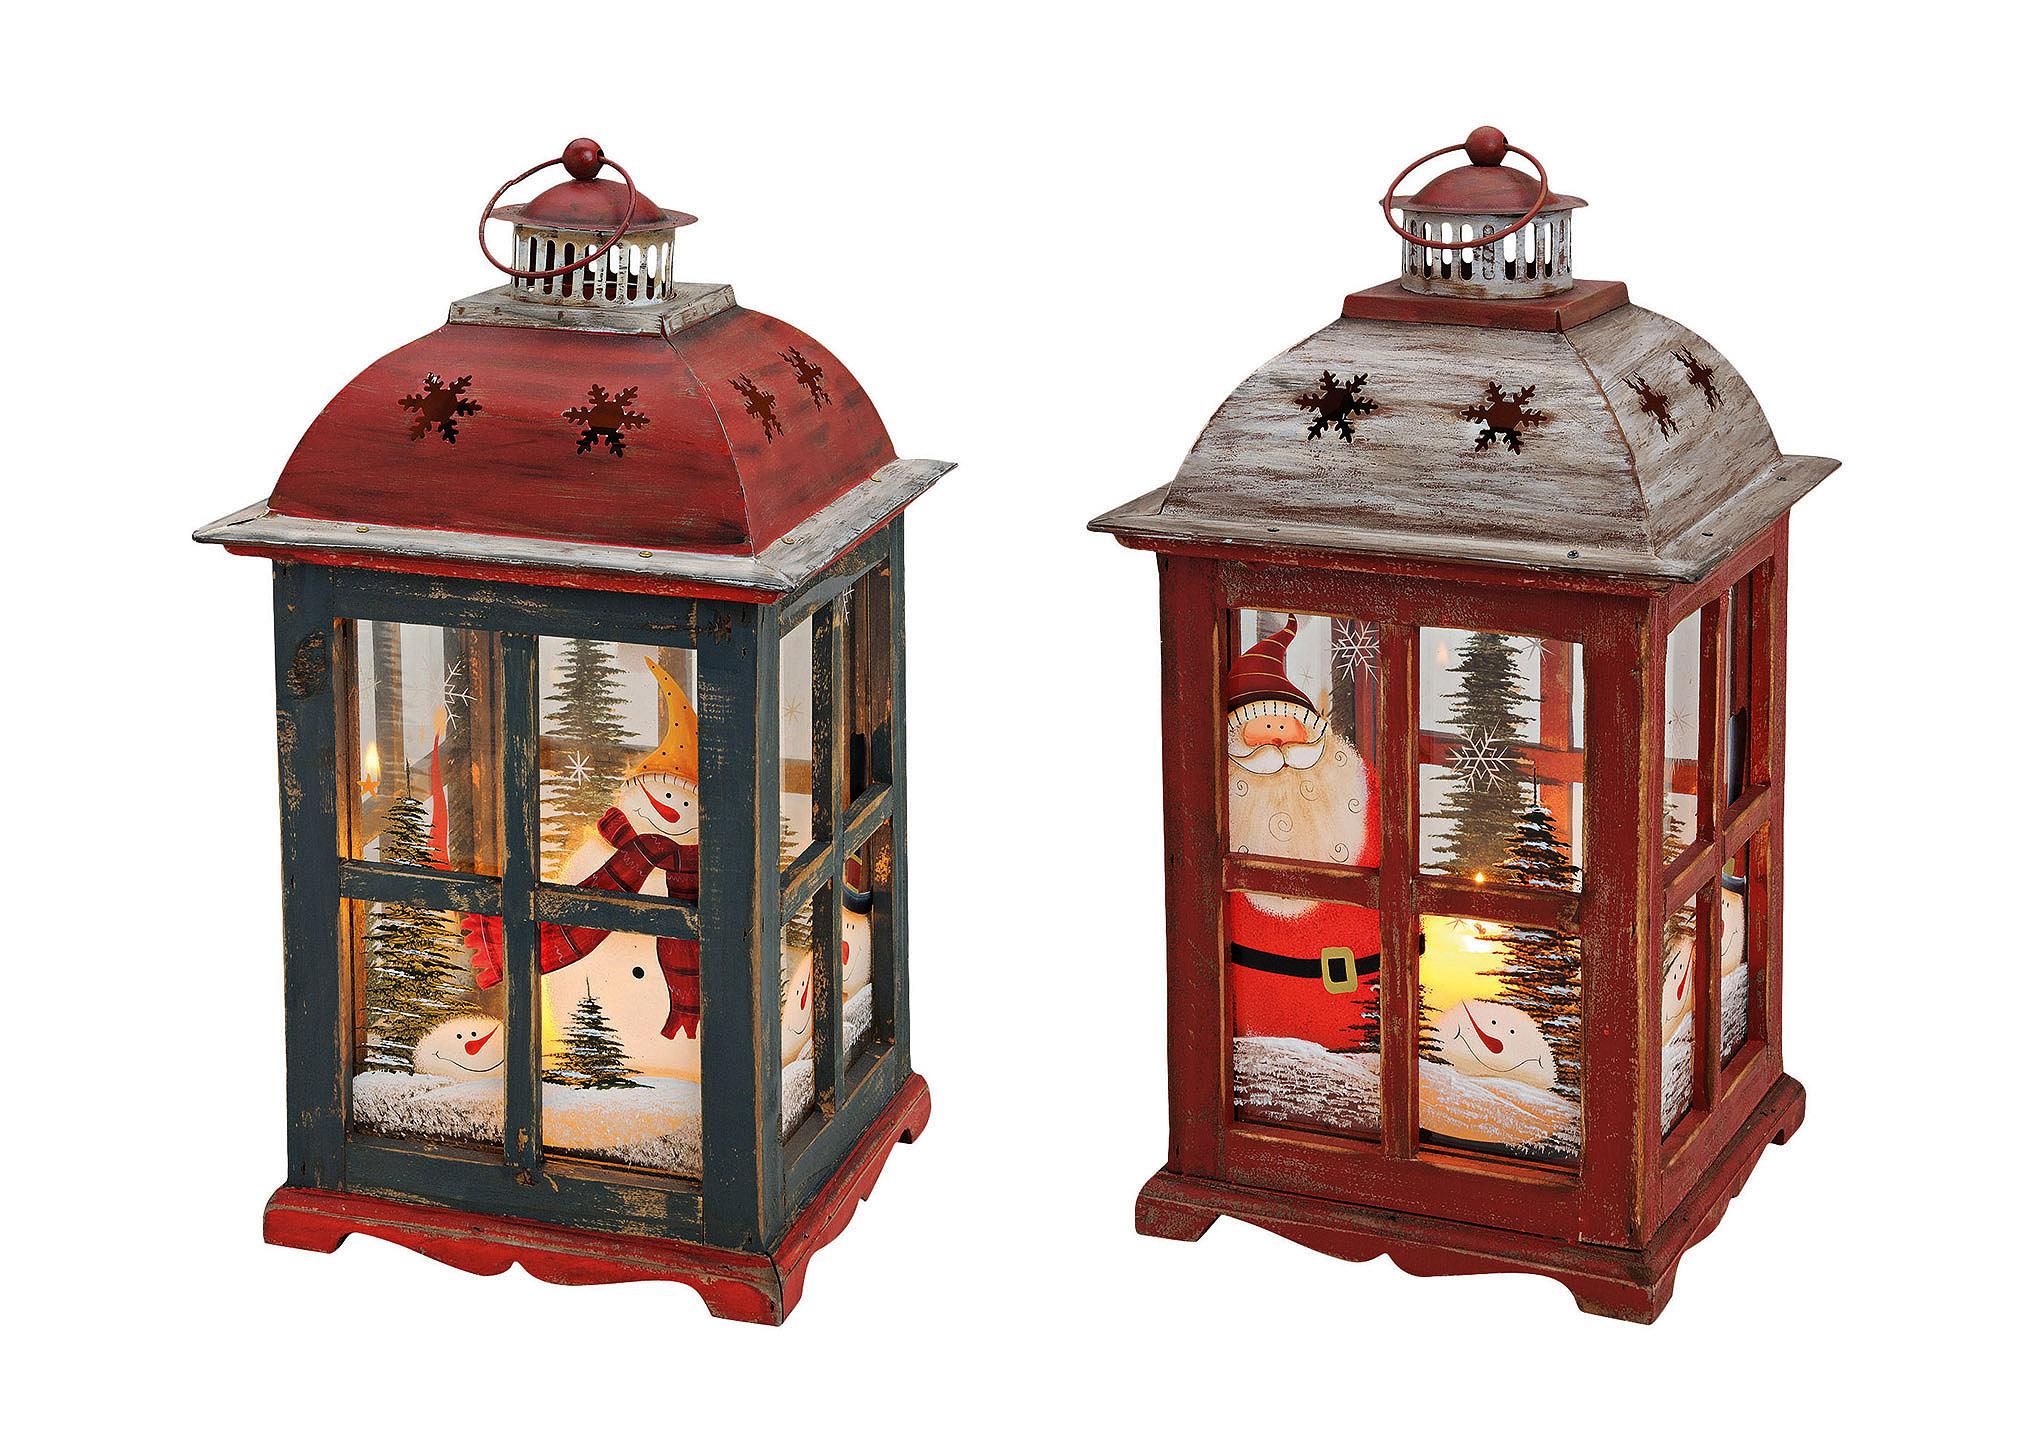 lucerna XMAS 22x22x40 cm, dřevo, kov a sklo - dva druhy